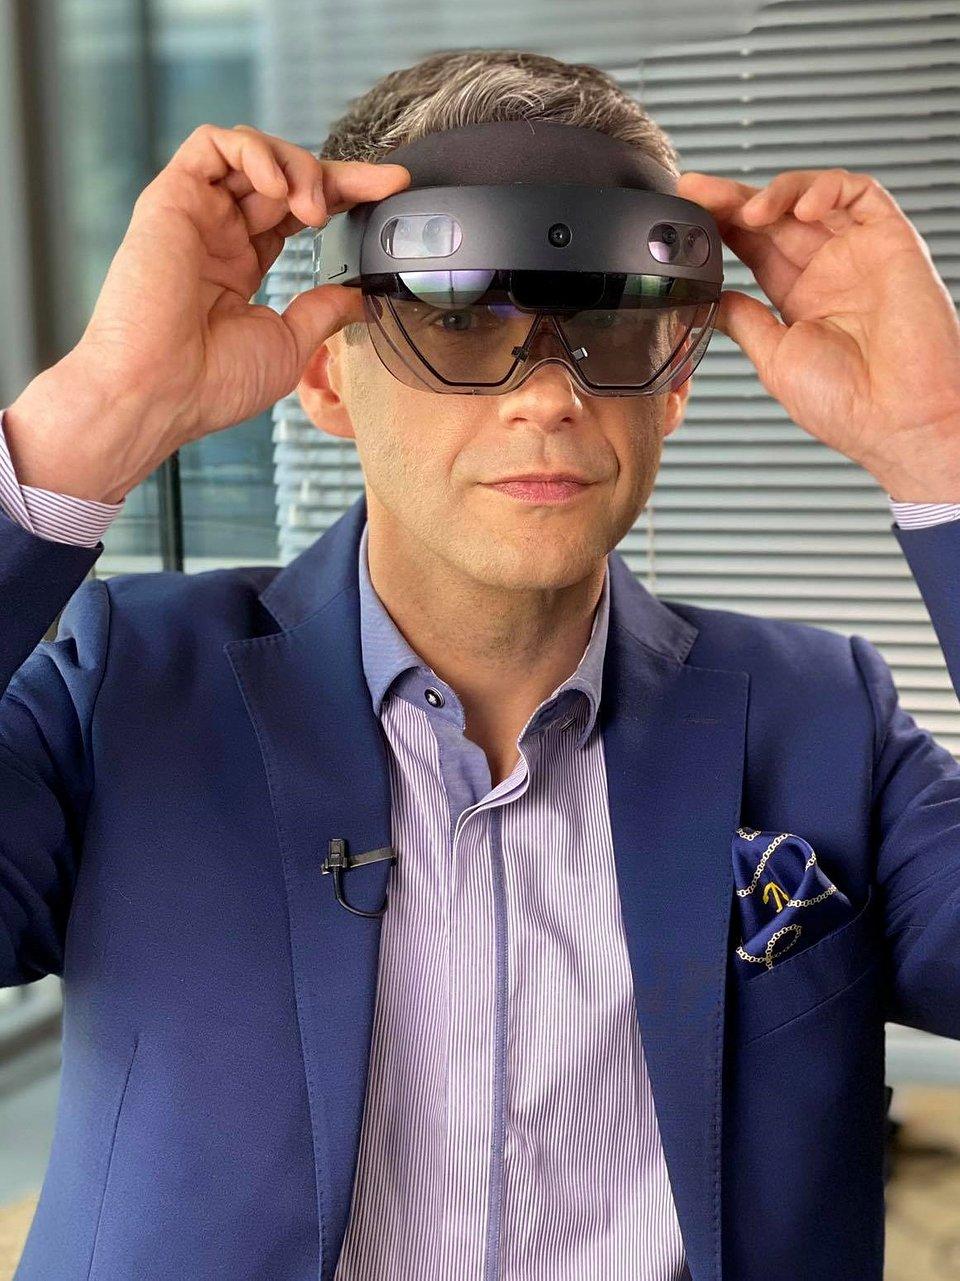 Przemysław Budnicki - CEO Holo4Labs